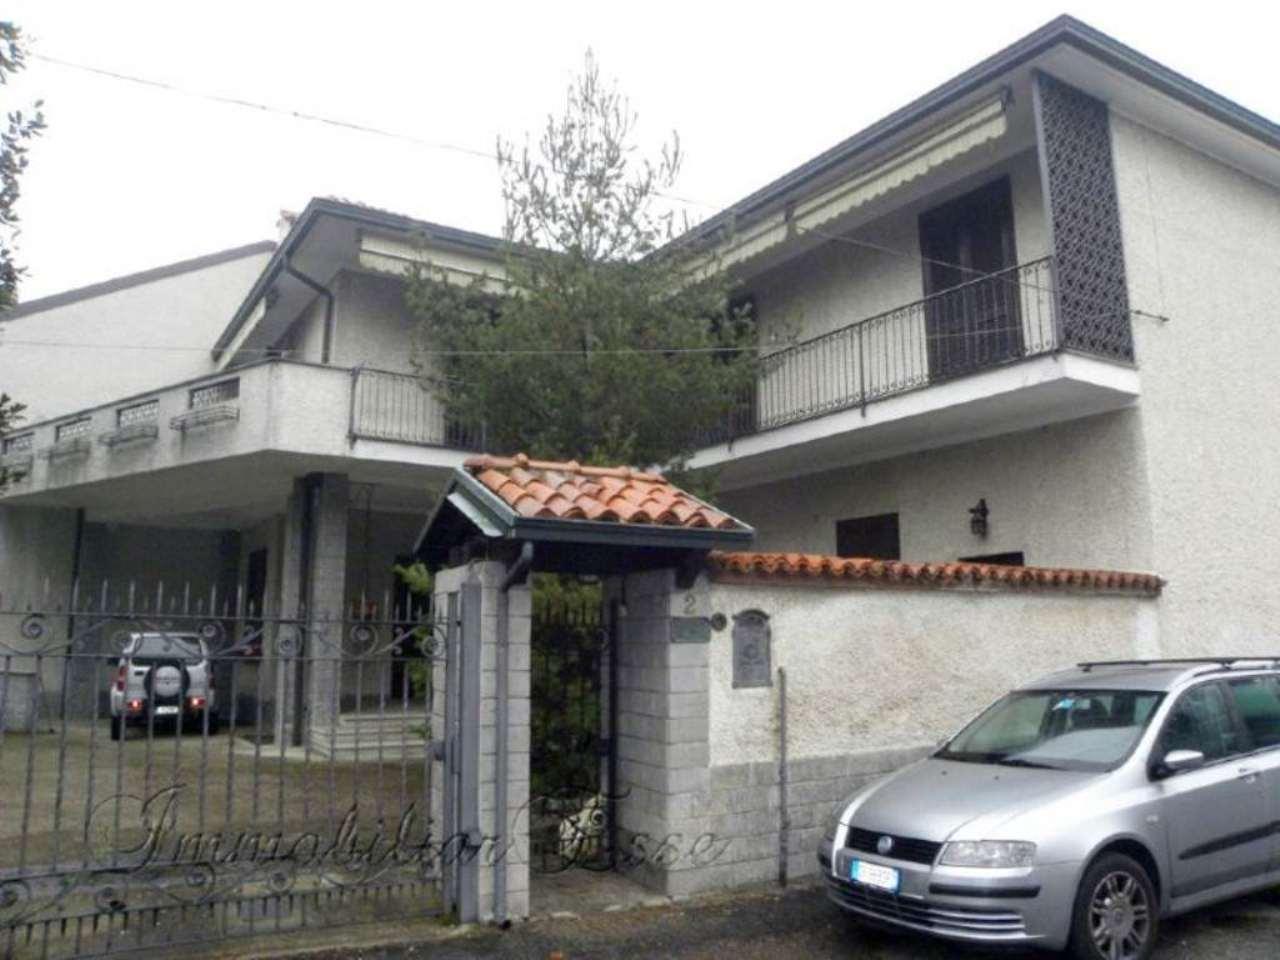 Villa in vendita a Arluno, 5 locali, prezzo € 290.000   Cambio Casa.it